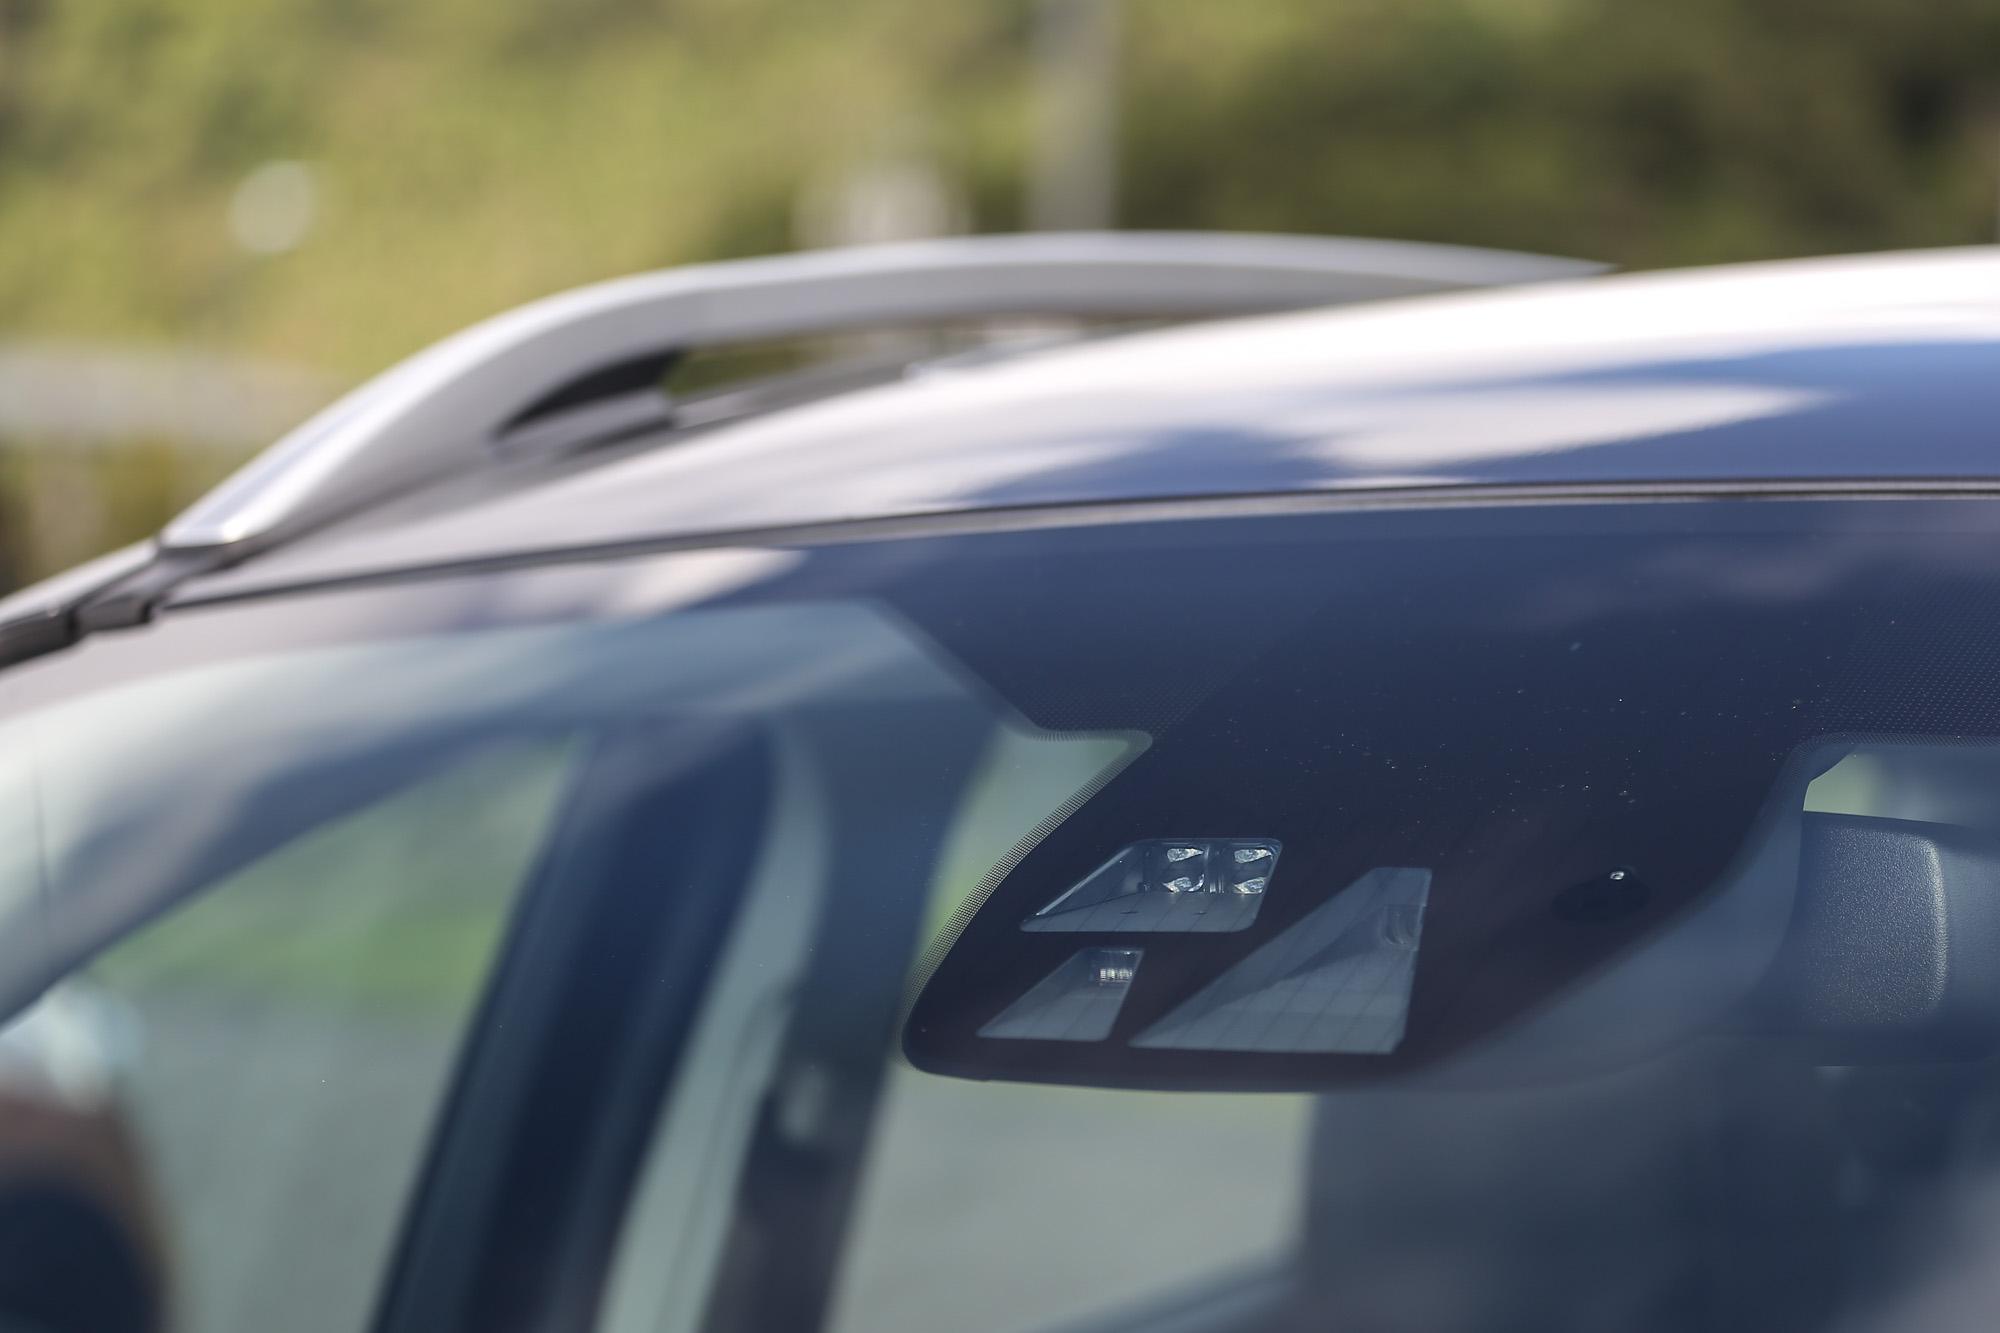 配備有 ACC 主動式定速巡航系統、ACS 進階主動式都會行車防護系統、PCA 前向碰撞預警系統等 ADAS 先進主動安全科技。